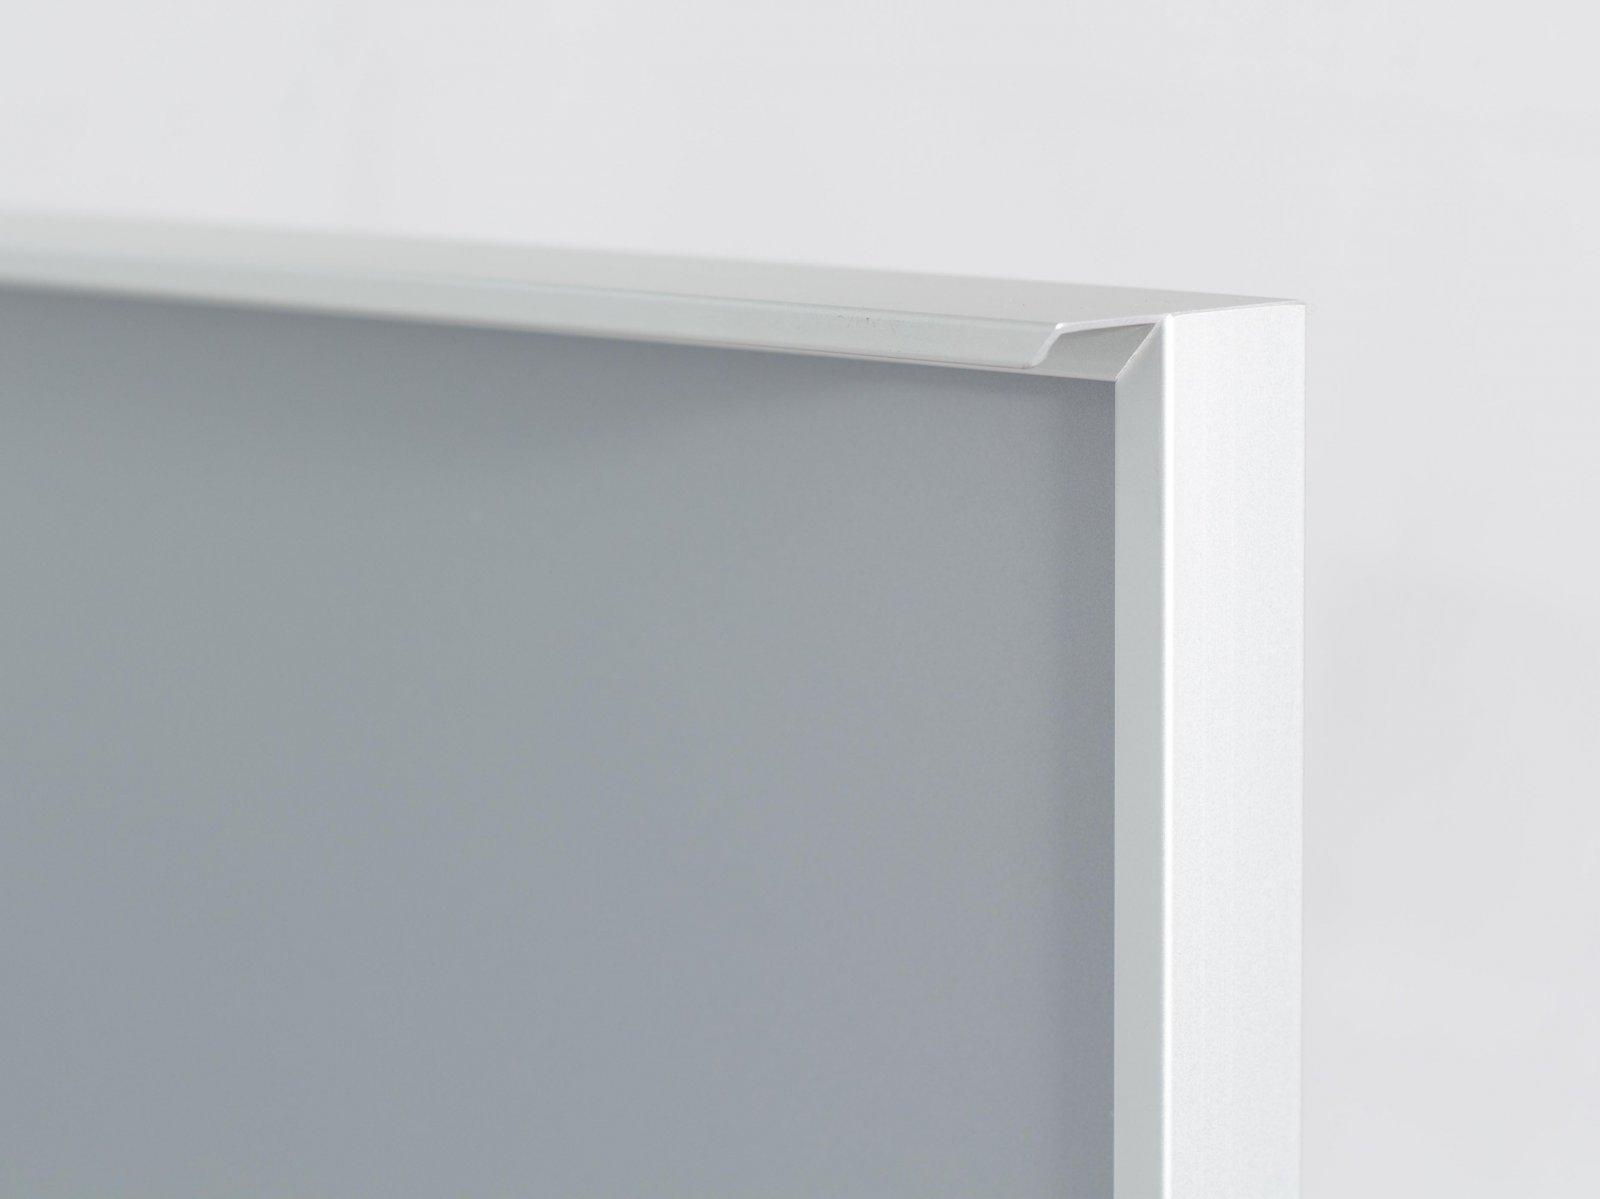 Porta-5 (Perfil V01-52 mate + puxador L03 mate + vidro cinza)